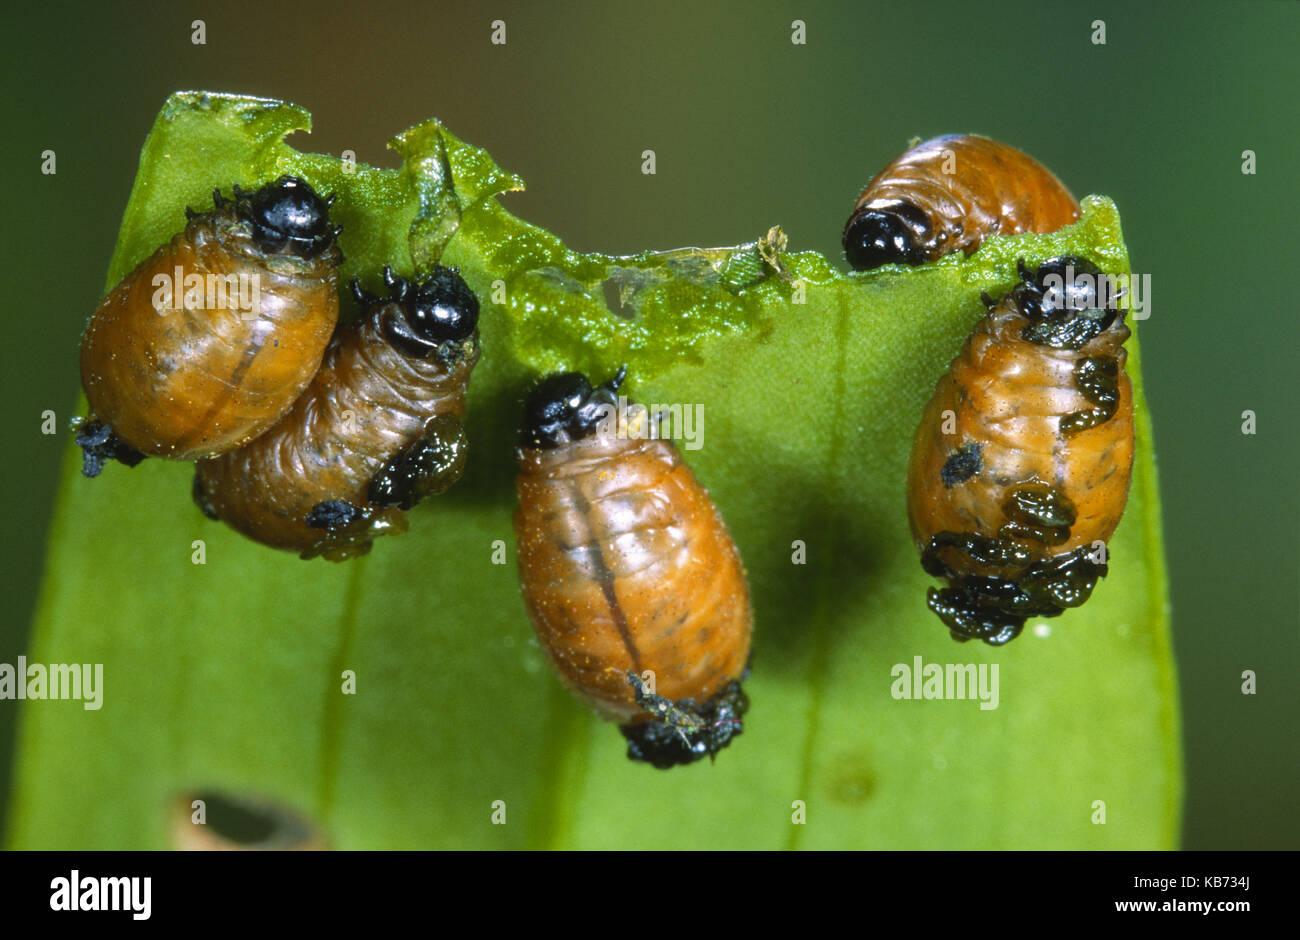 Scarlet Lily Beetle (Lilioceris lilii) larvae feeding on a leaf, Belgium - Stock Image